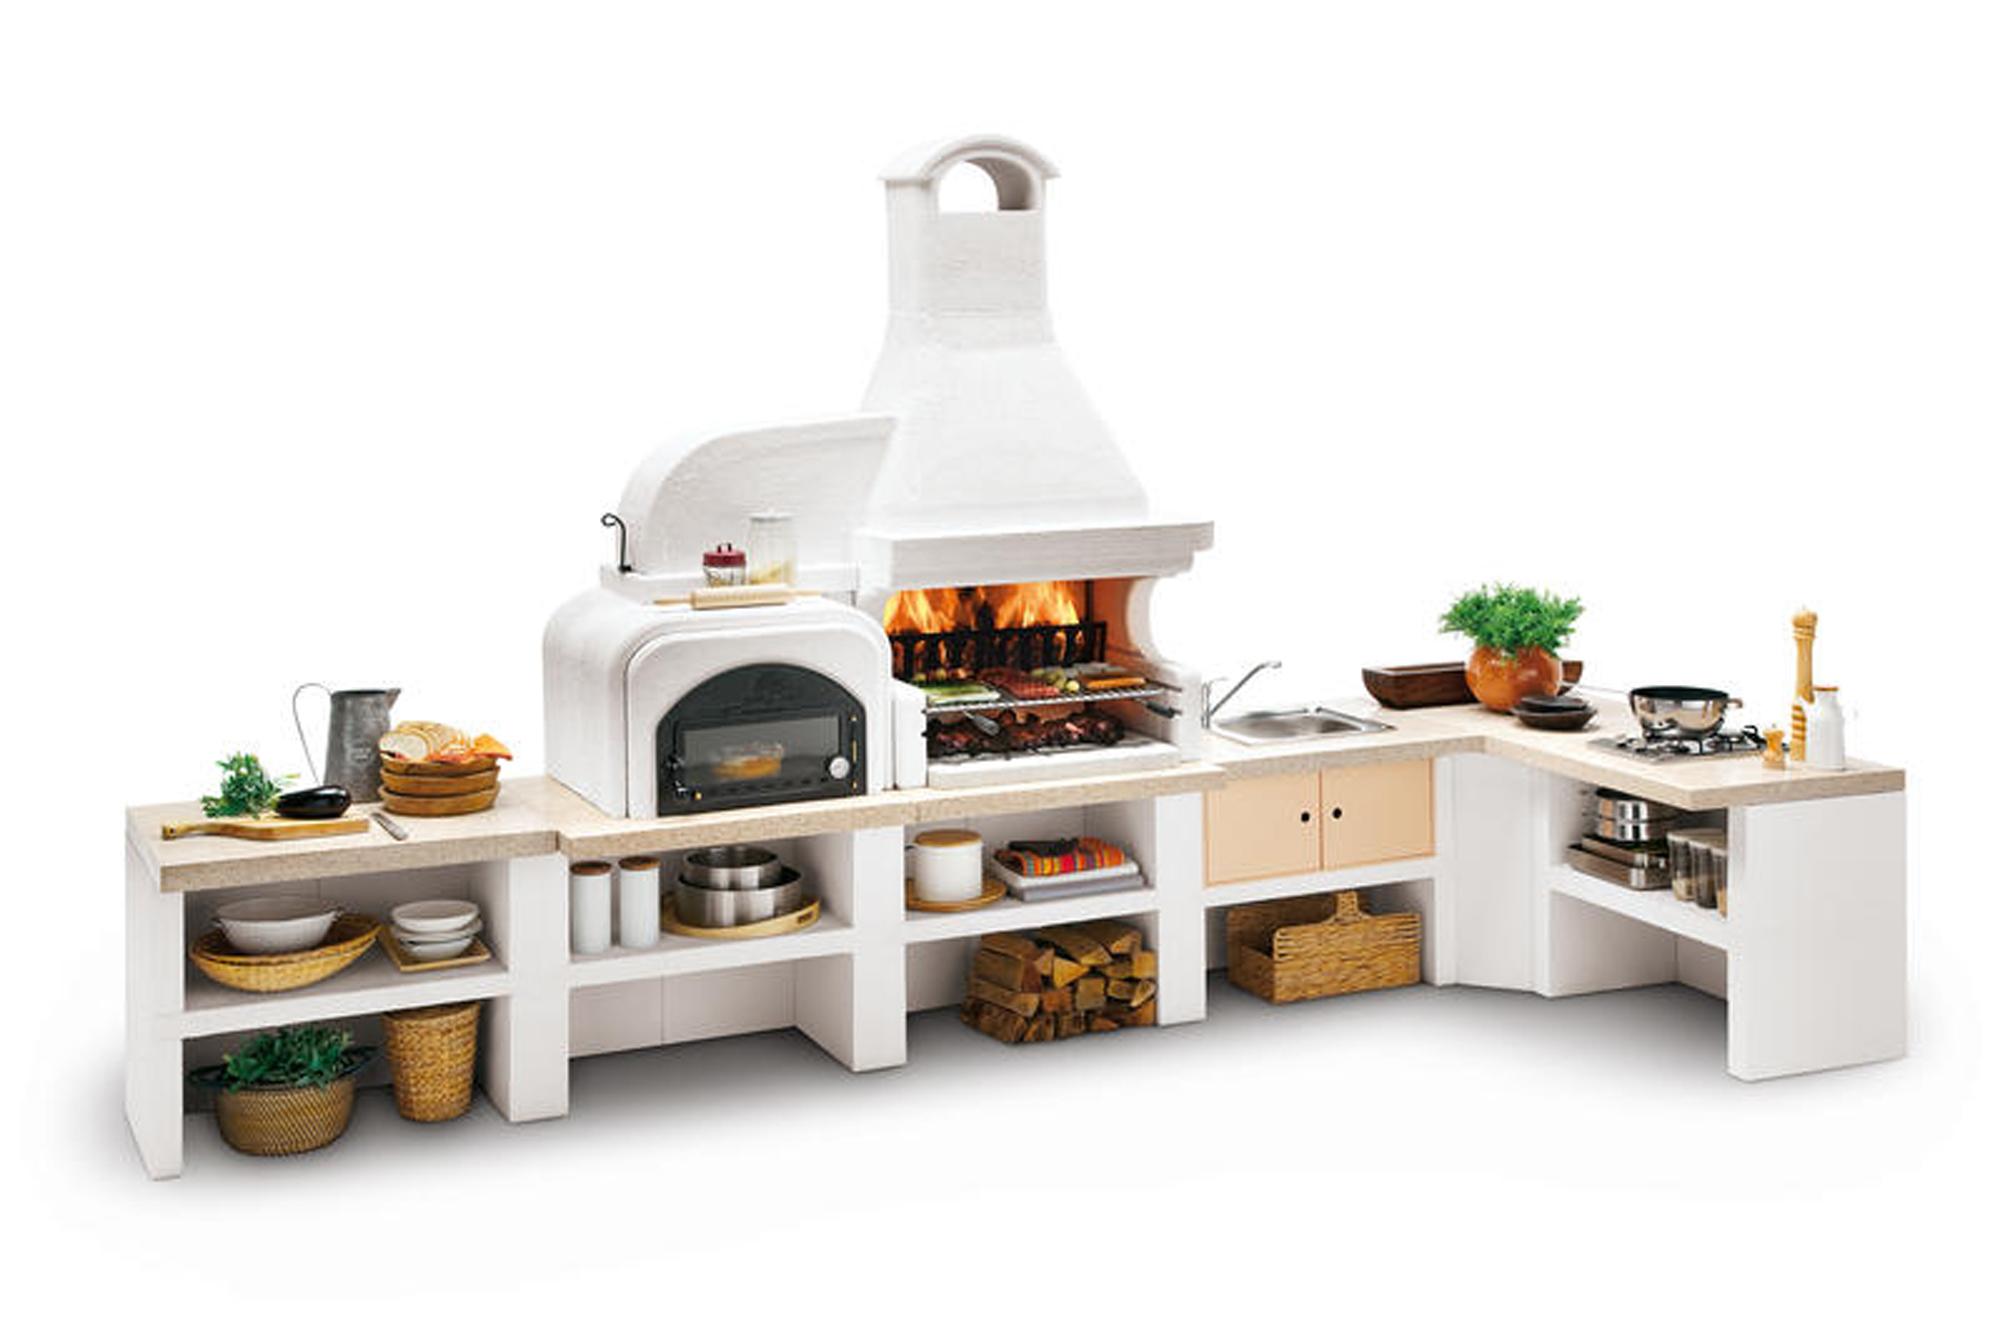 Outdoorküche Mit Gasgrill Zubehör : Broil king imperial pro gasgrill outdoor küche in nordrhein